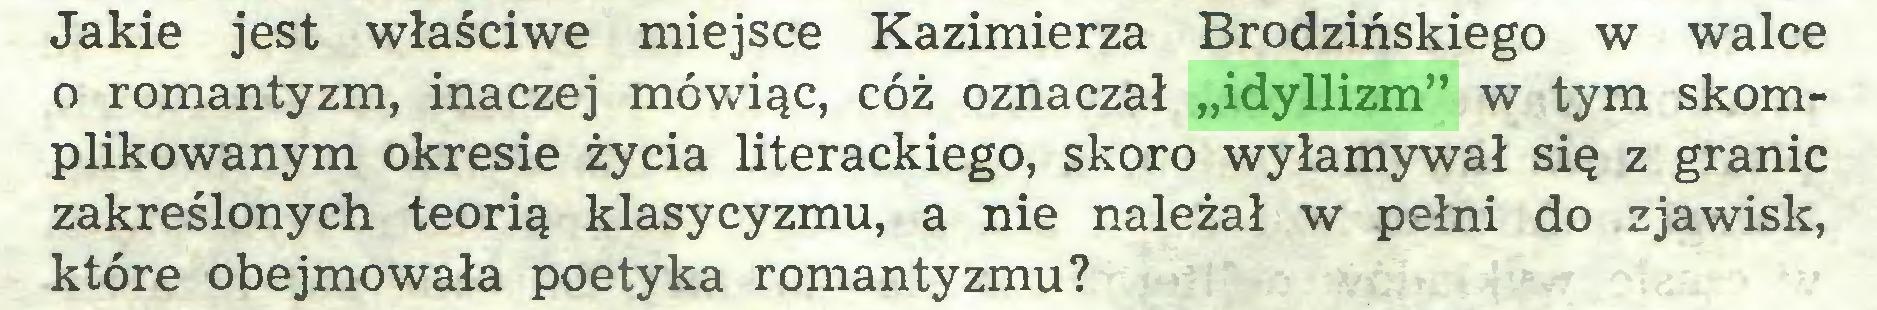 """(...) Jakie jest właściwe miejsce Kazimierza Brodzińskiego w walce o romantyzm, inaczej mówiąc, cóż oznaczał """"idyllizm"""" w tym skomplikowanym okresie życia literackiego, skoro wyłamywał się z granic zakreślonych teorią klasycyzmu, a nie należał w pełni do zjawisk, które obejmowała poetyka romantyzmu?..."""